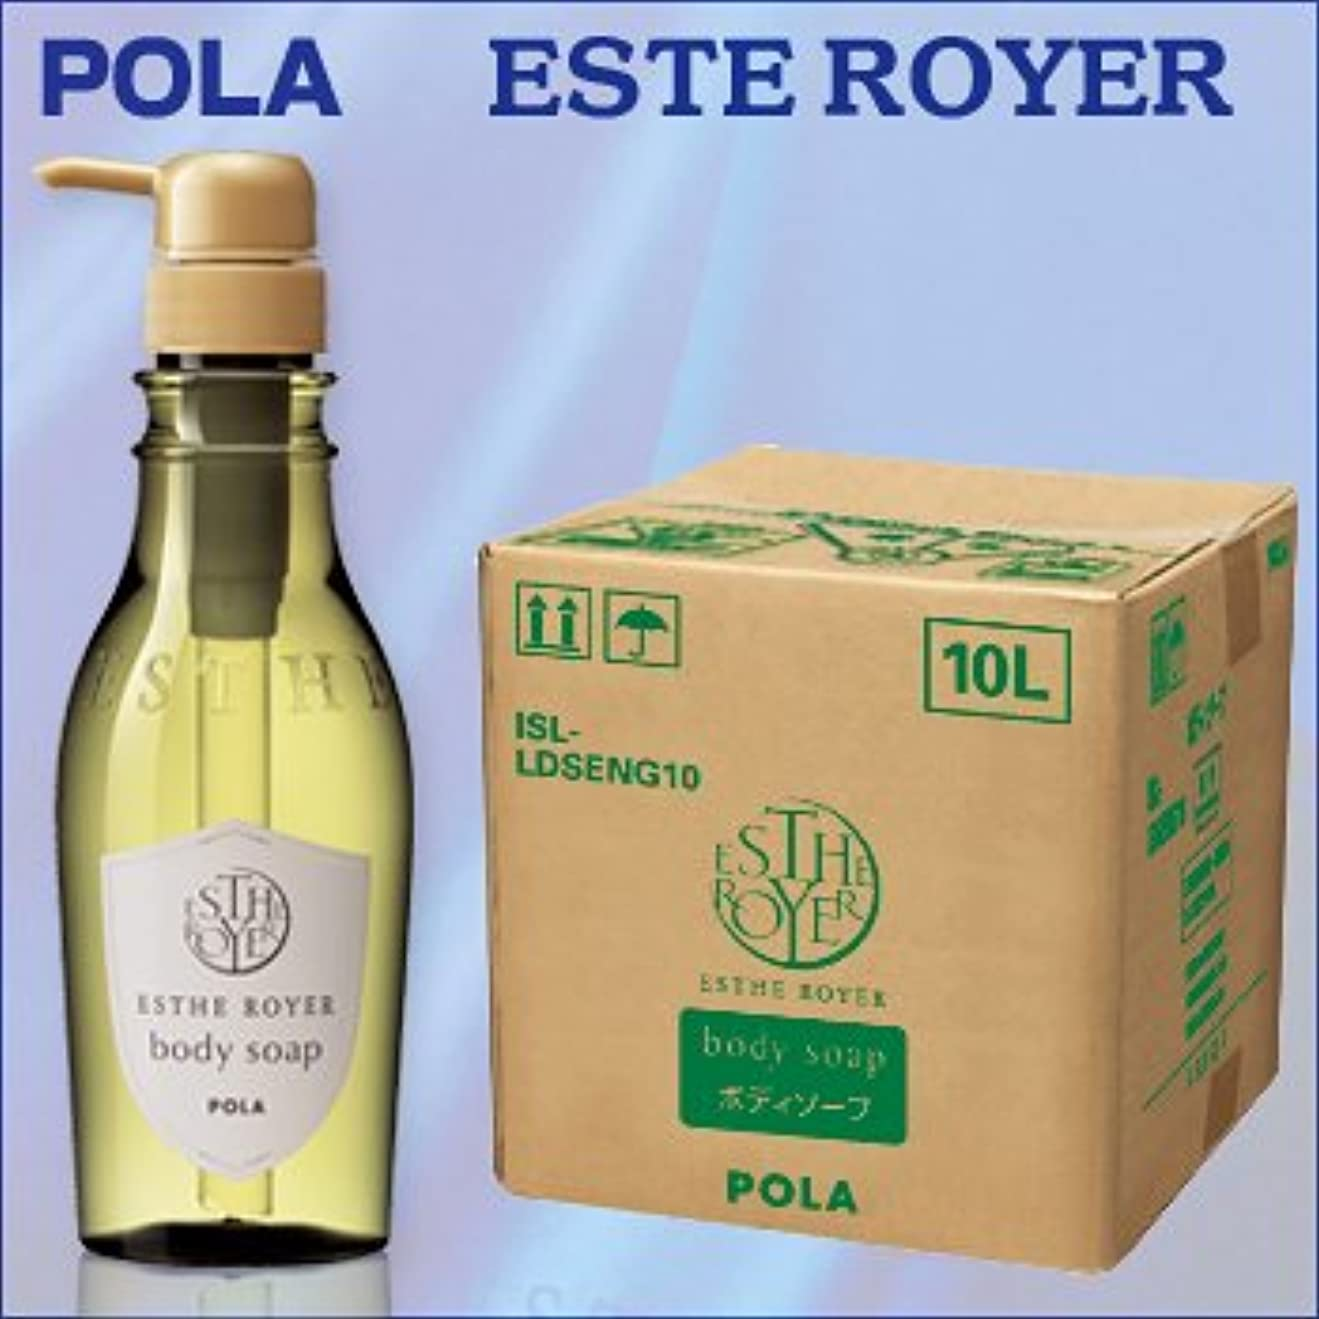 根絶するフリンジうねるPOLA エステロワイエ 業務用ボディソープ 10L (1セット10L入)